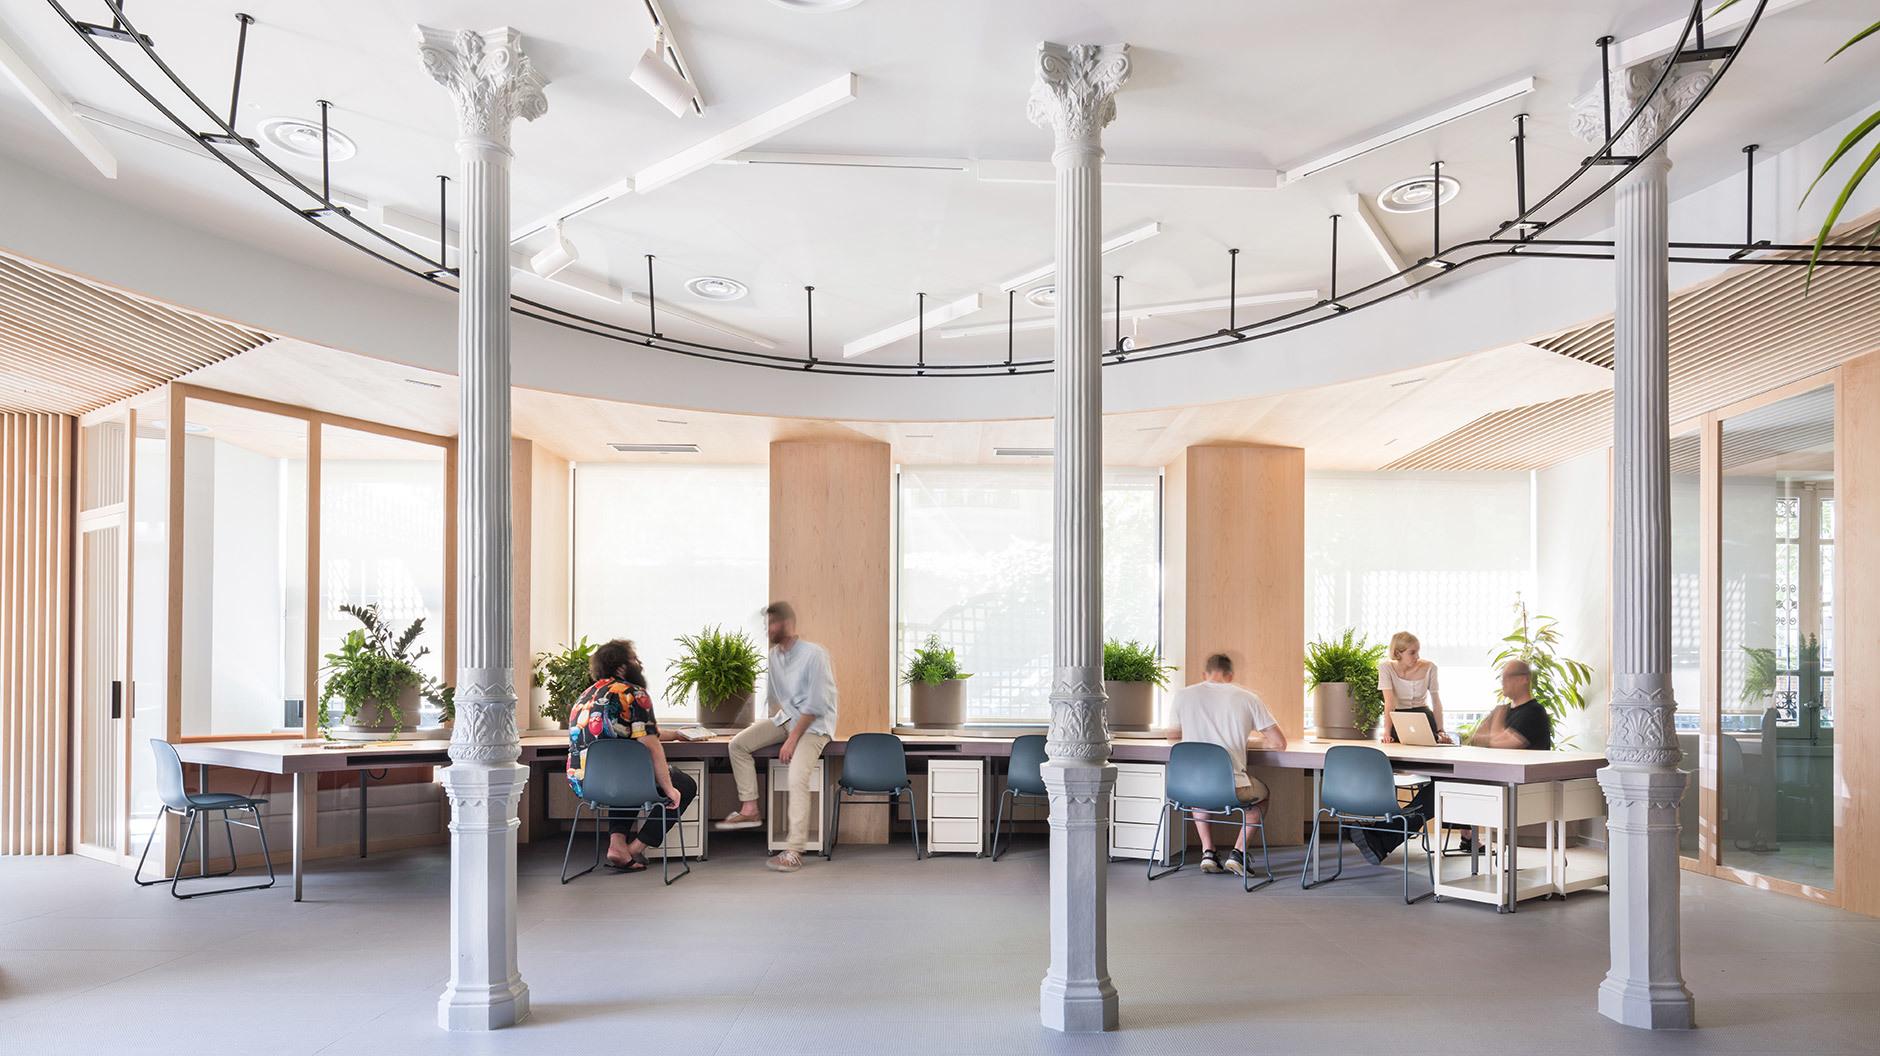 Der zentrale Raum funktioniert als kommunikatives Büro, wird zum Ausstellungsraum und bietet Platz für Veranstaltungen.